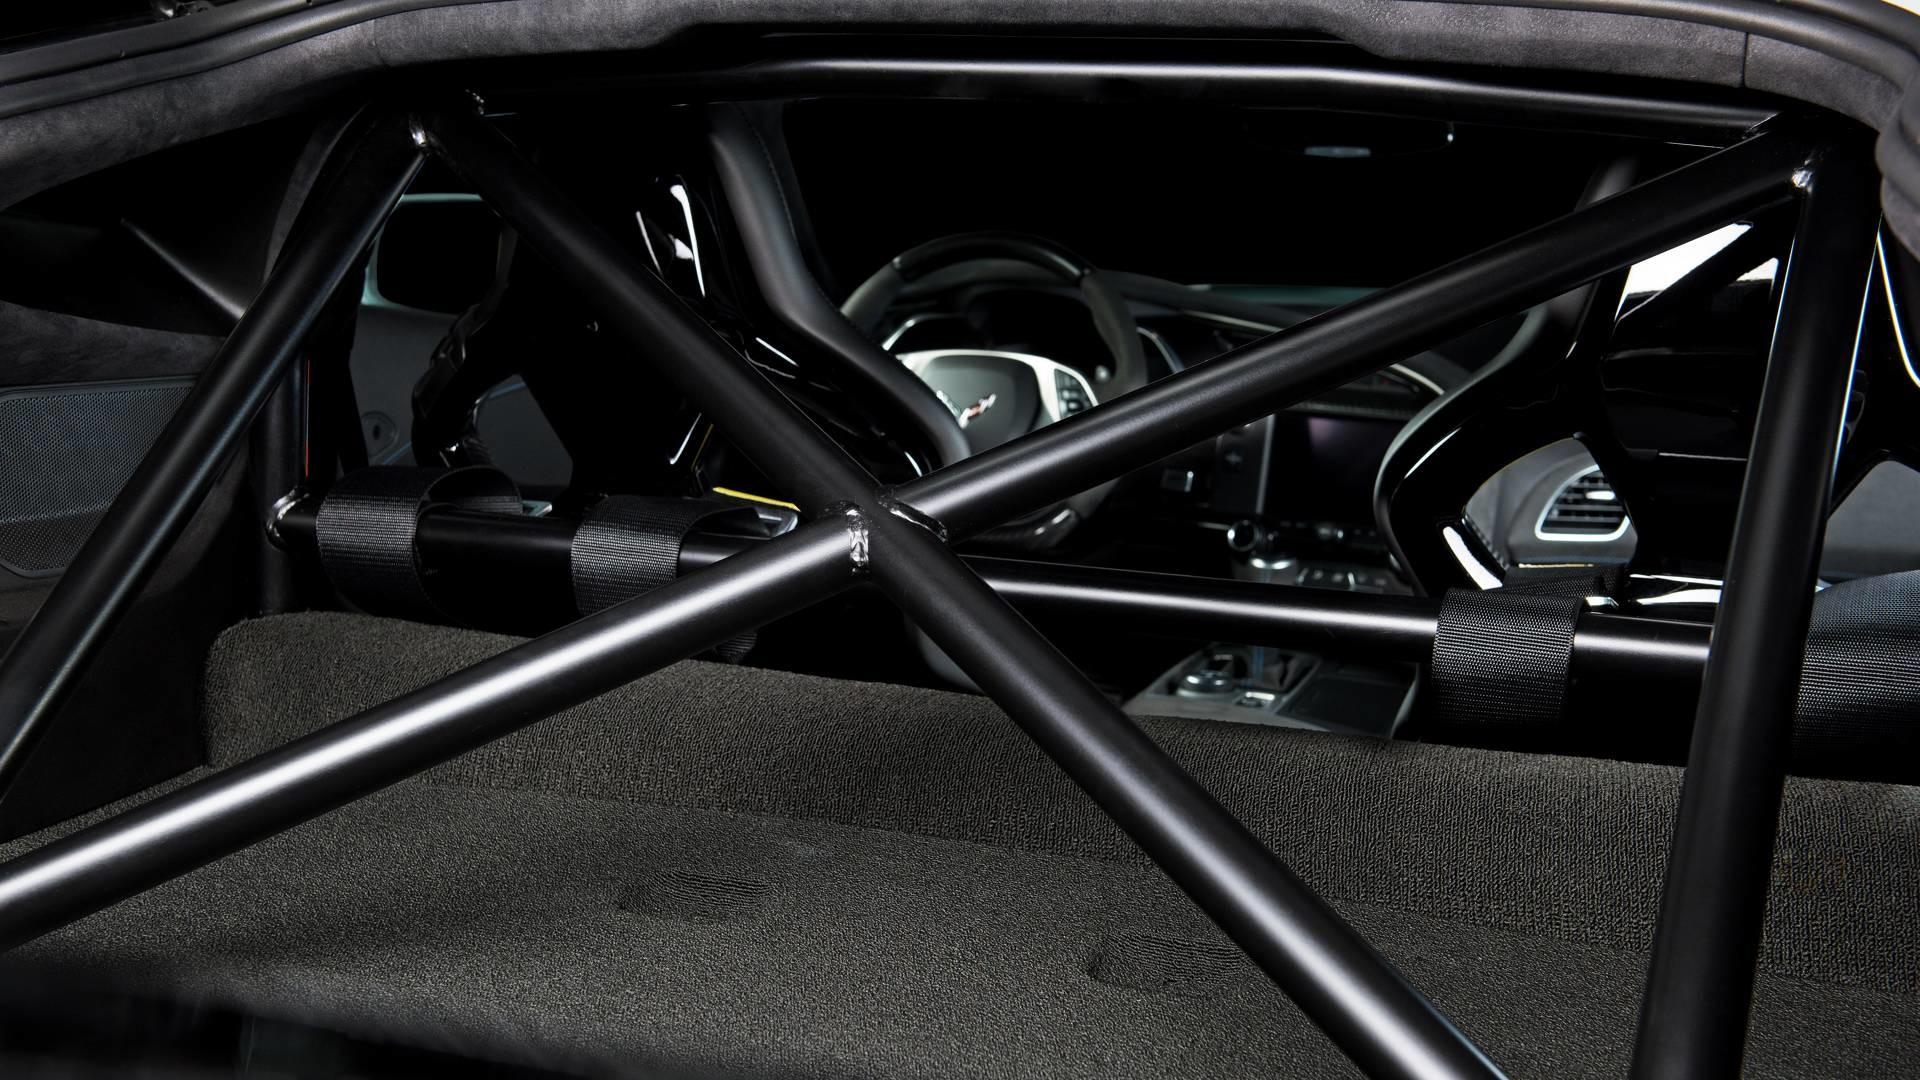 Foto de Corvette Z06 Geiger Carbon 65 Edition (13/15)